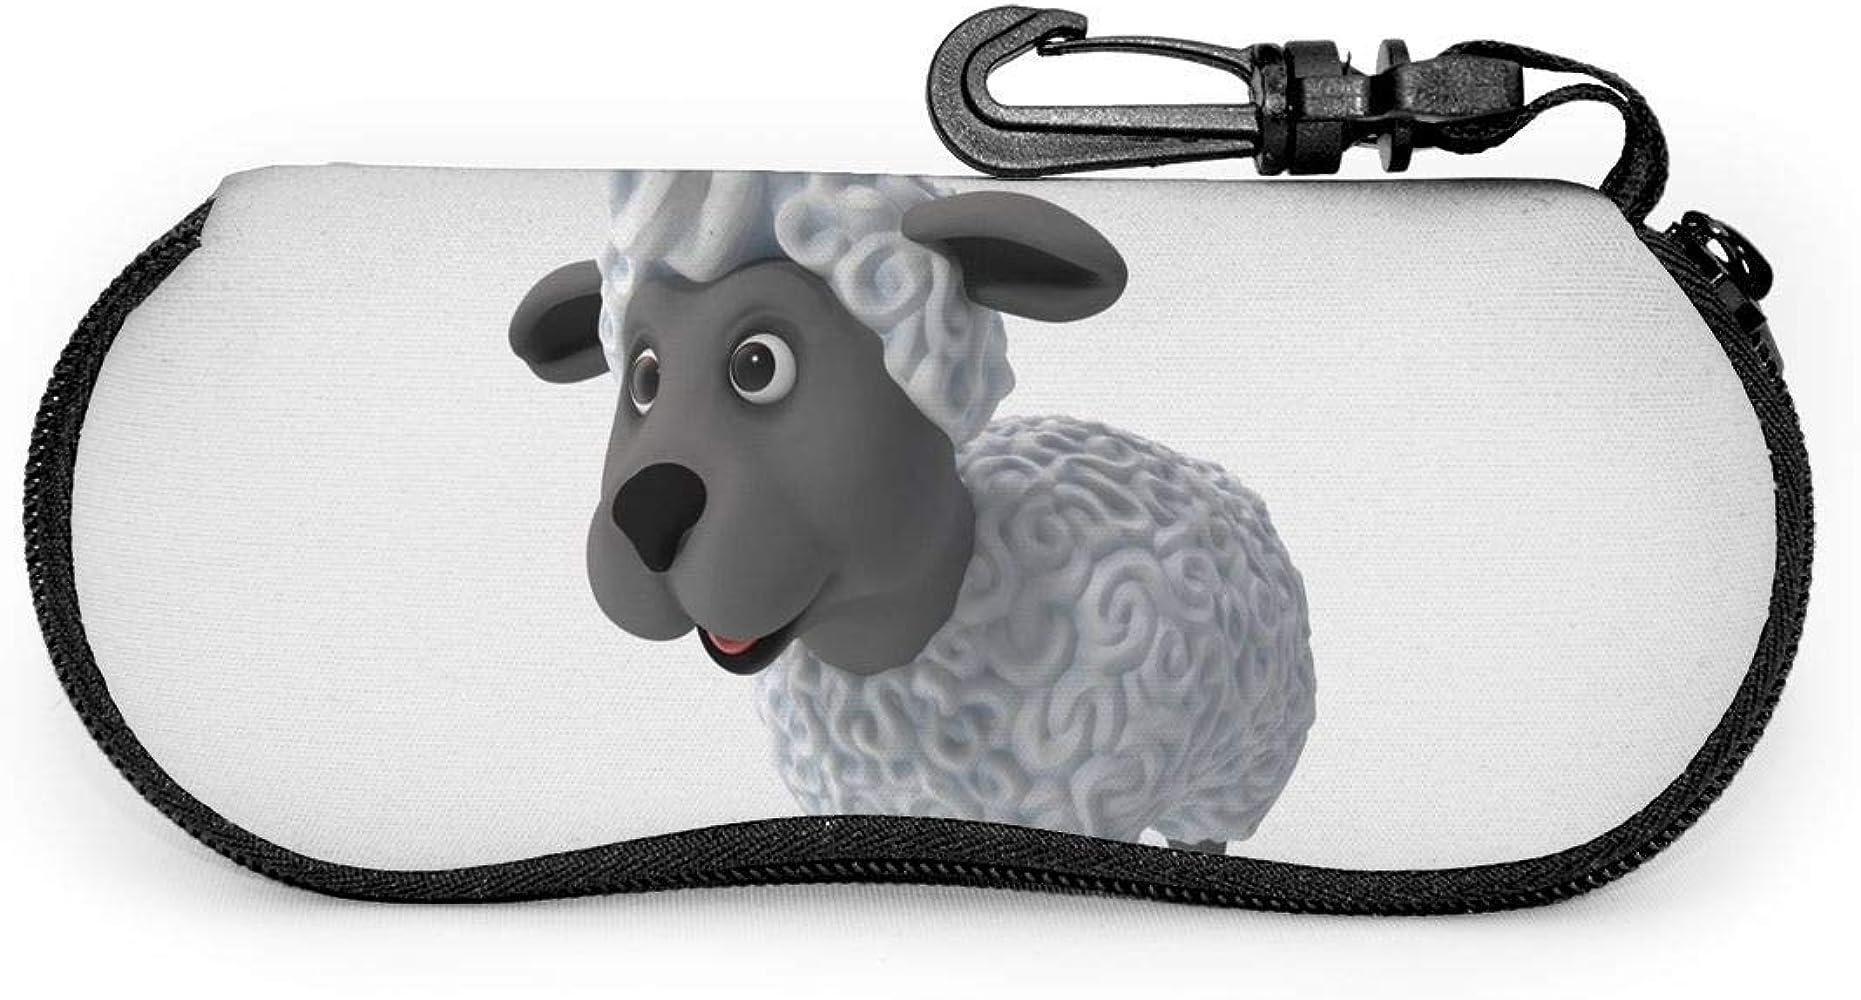 Tzshak Estuche de anteojos de oveja de dibujos animados 3D, Estuche blando para gafas de sol portátiles, Juego de protección ultraligero: Amazon.es: Ropa y accesorios